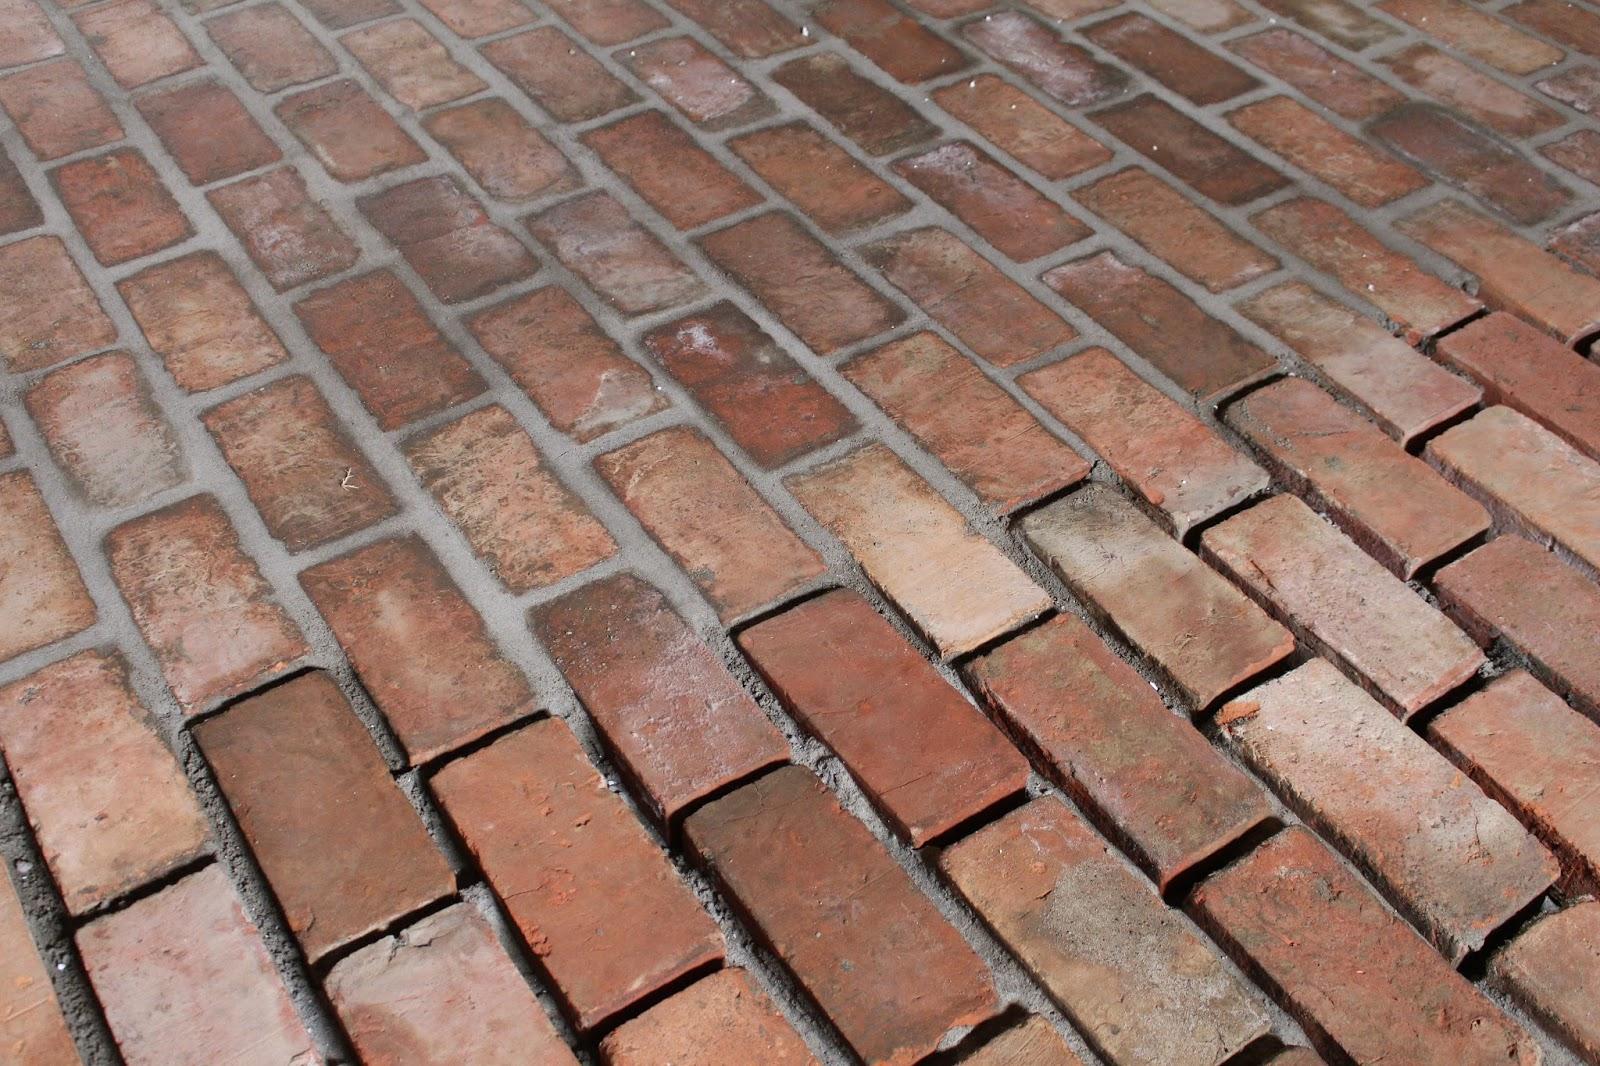 Zaktualizowano Siedlisko na wzgórzu: Podłoga ze starych cegieł GK17